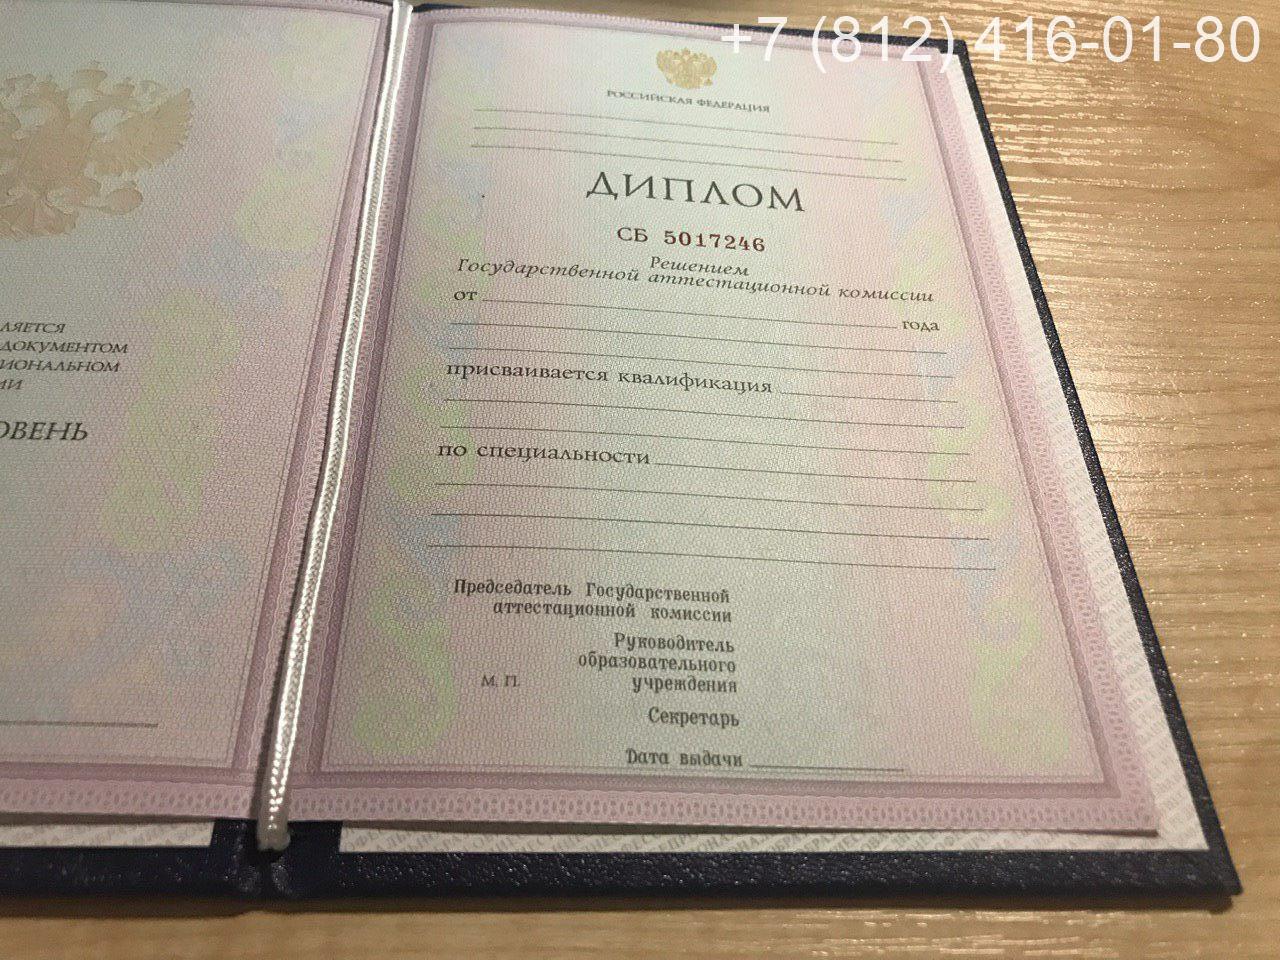 Диплом техникума 2004-2006 годов, старого образца